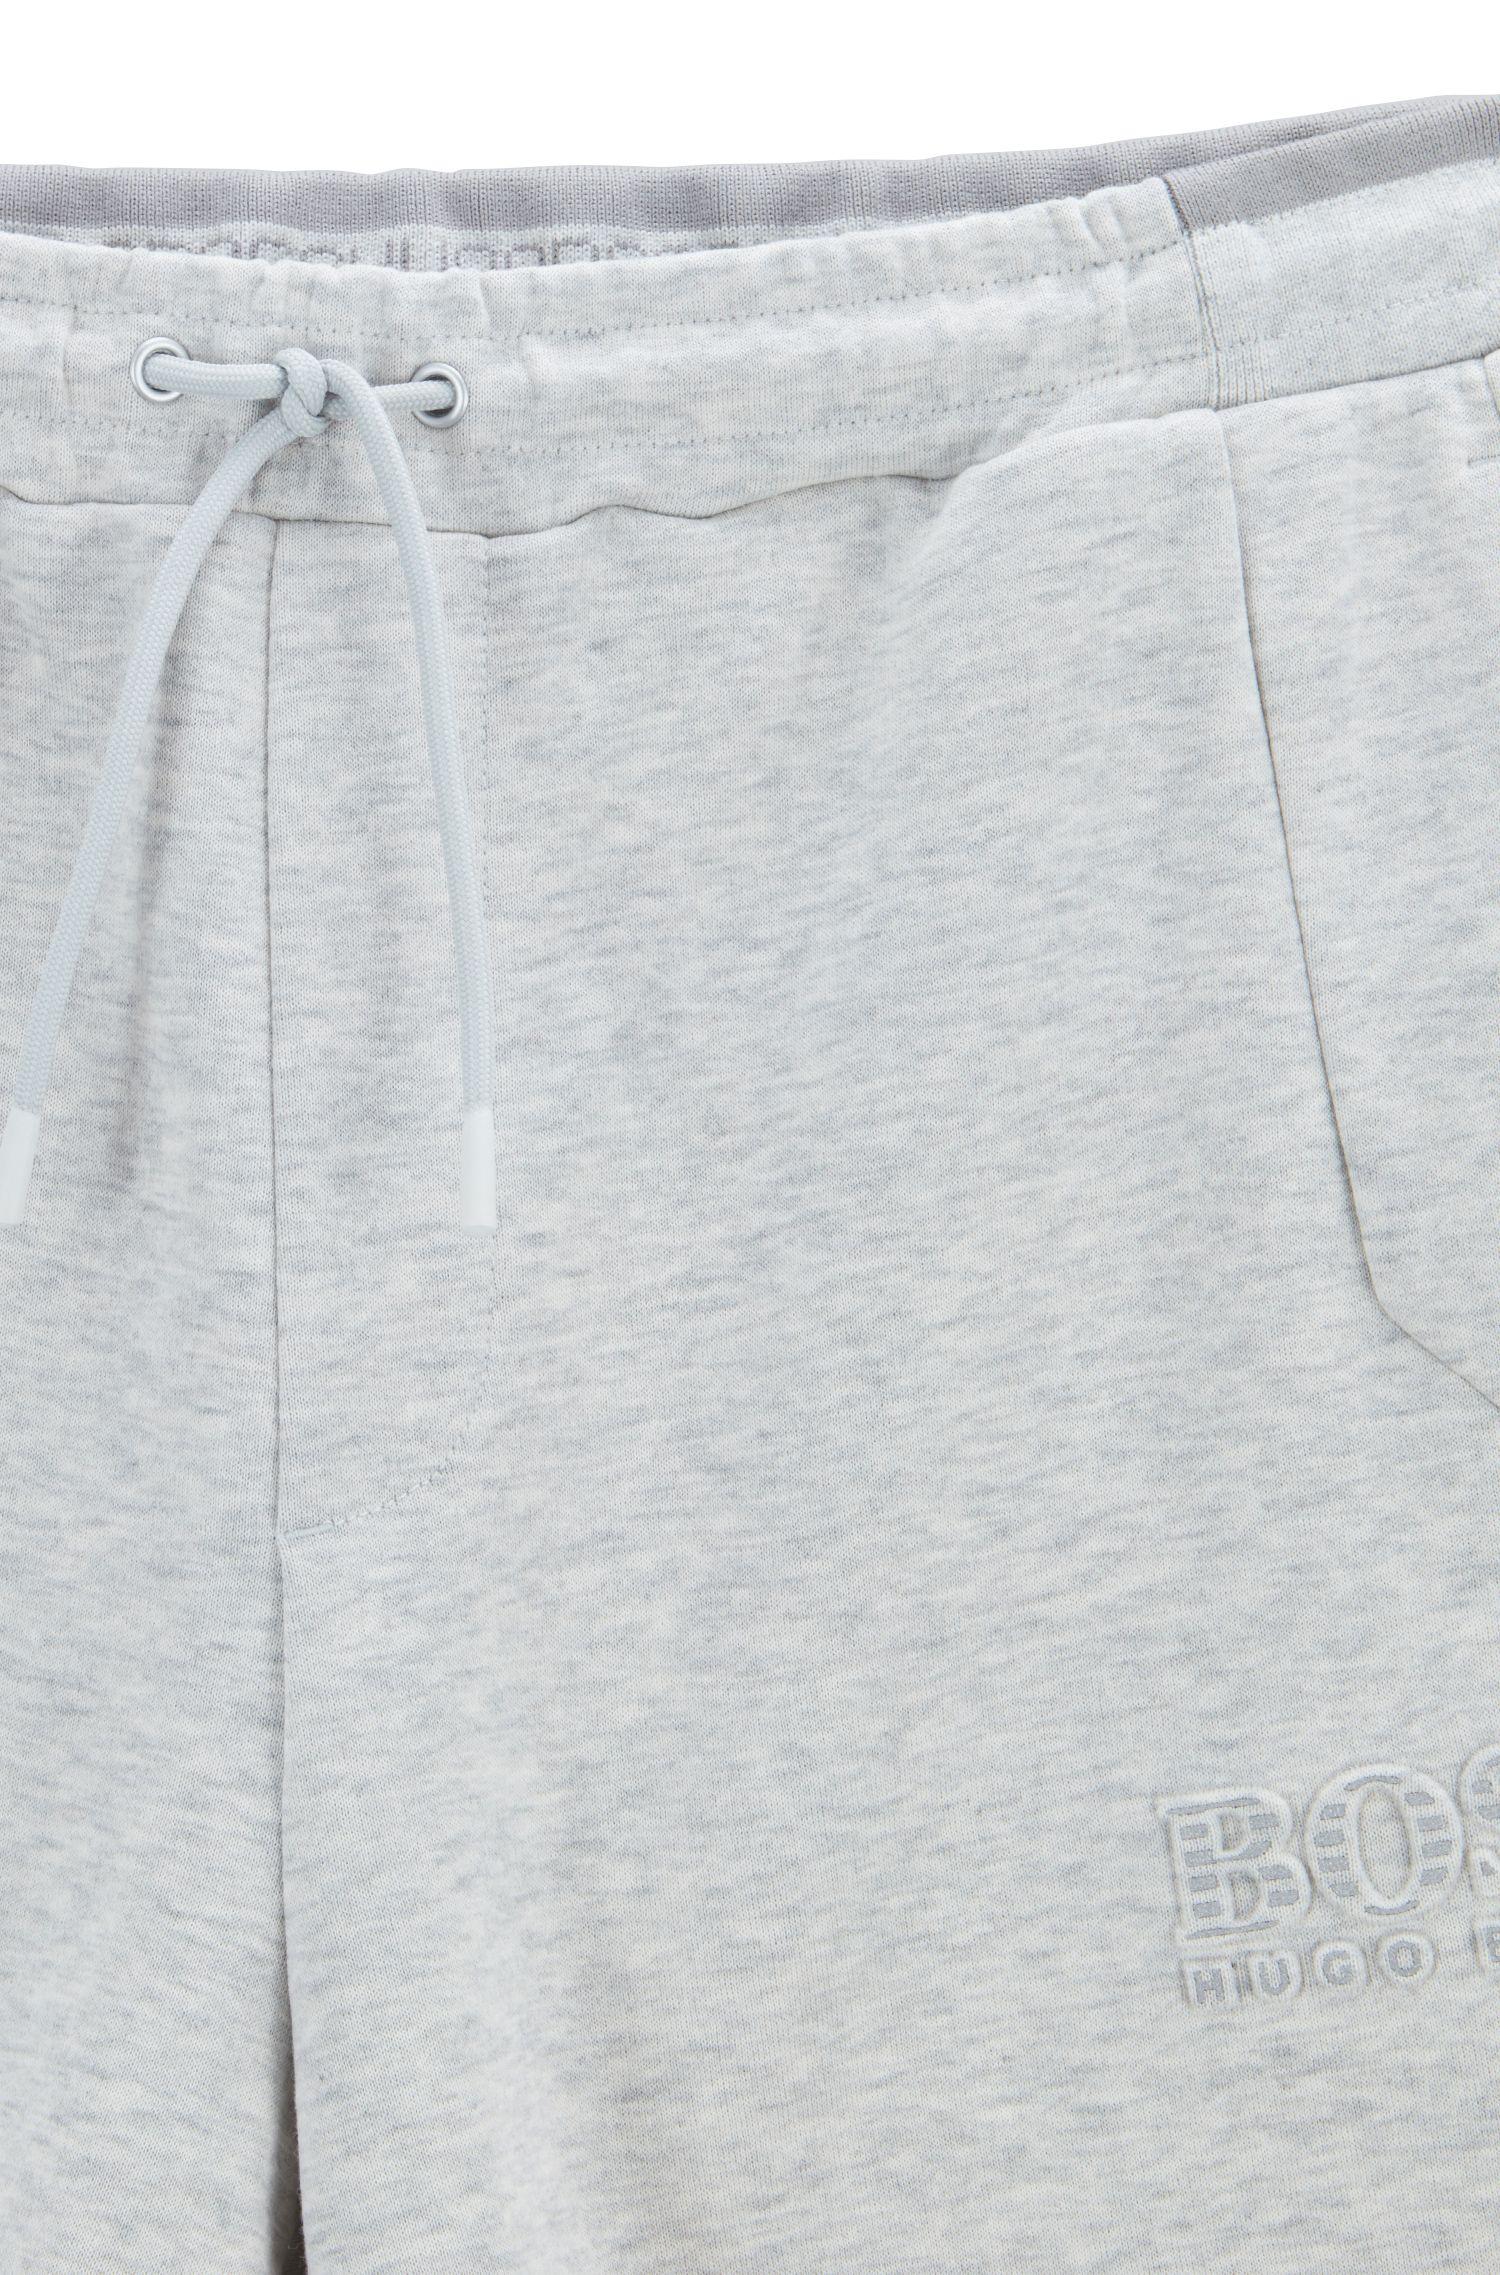 Hugo Boss - Regular-Fit Shorts aus Baumwoll-Mix mit reflektierenden Elementen - 4